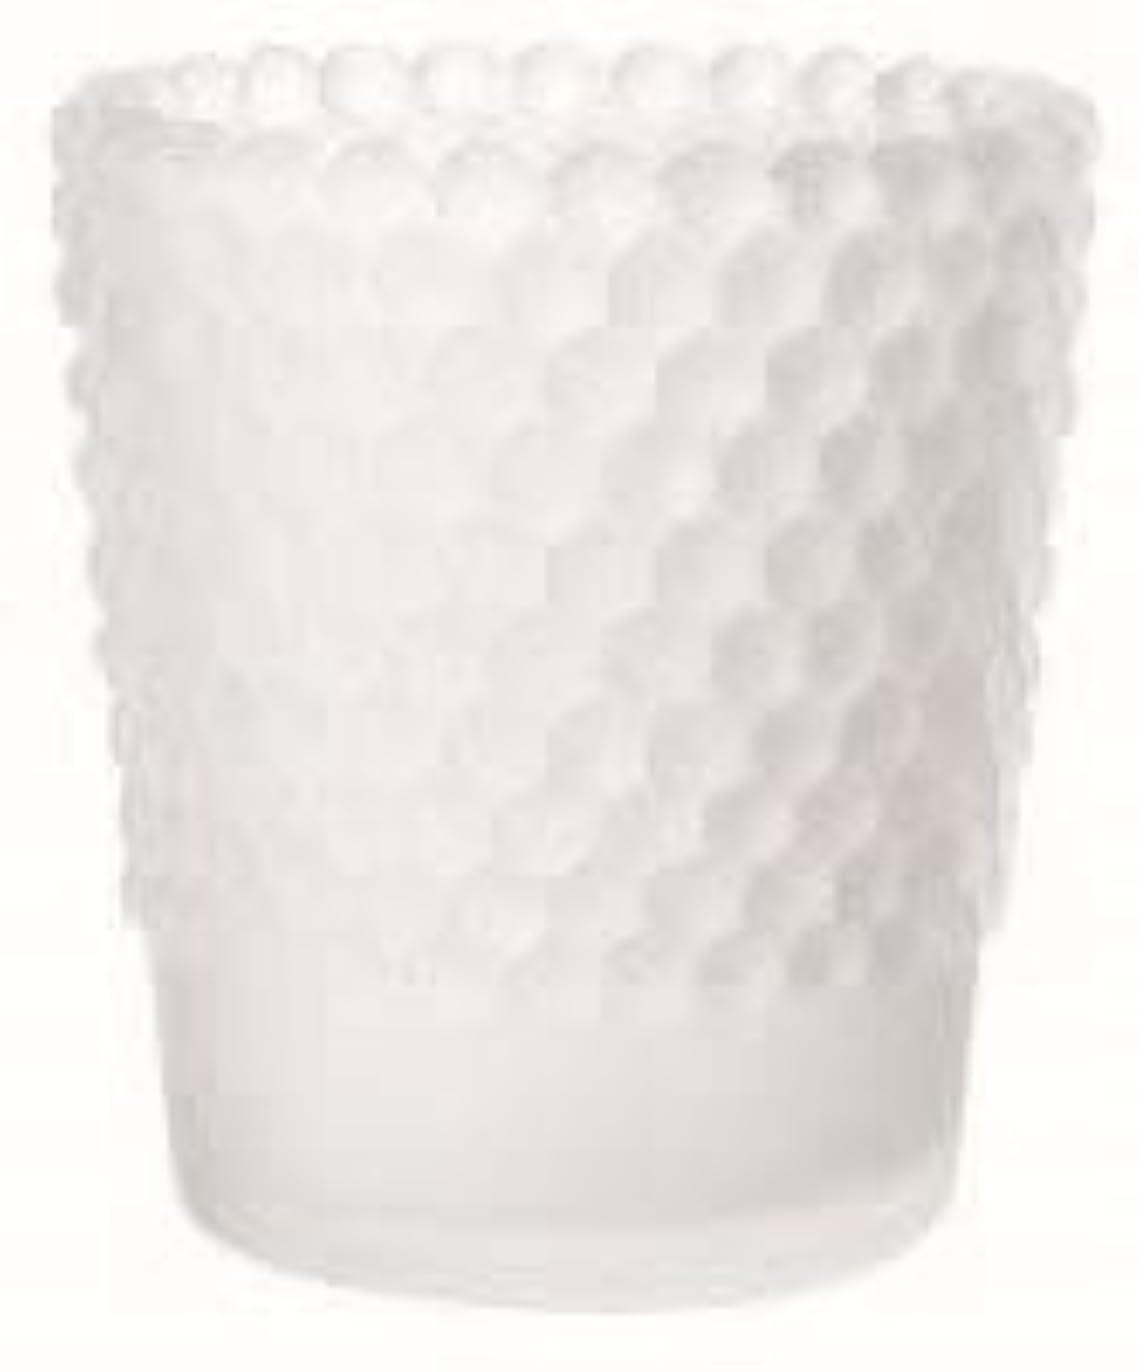 スロベニアコンパニオンアイスクリームカメヤマキャンドル(kameyama candle) ホビネルグラス 「 フロストホワイト 」6個セット